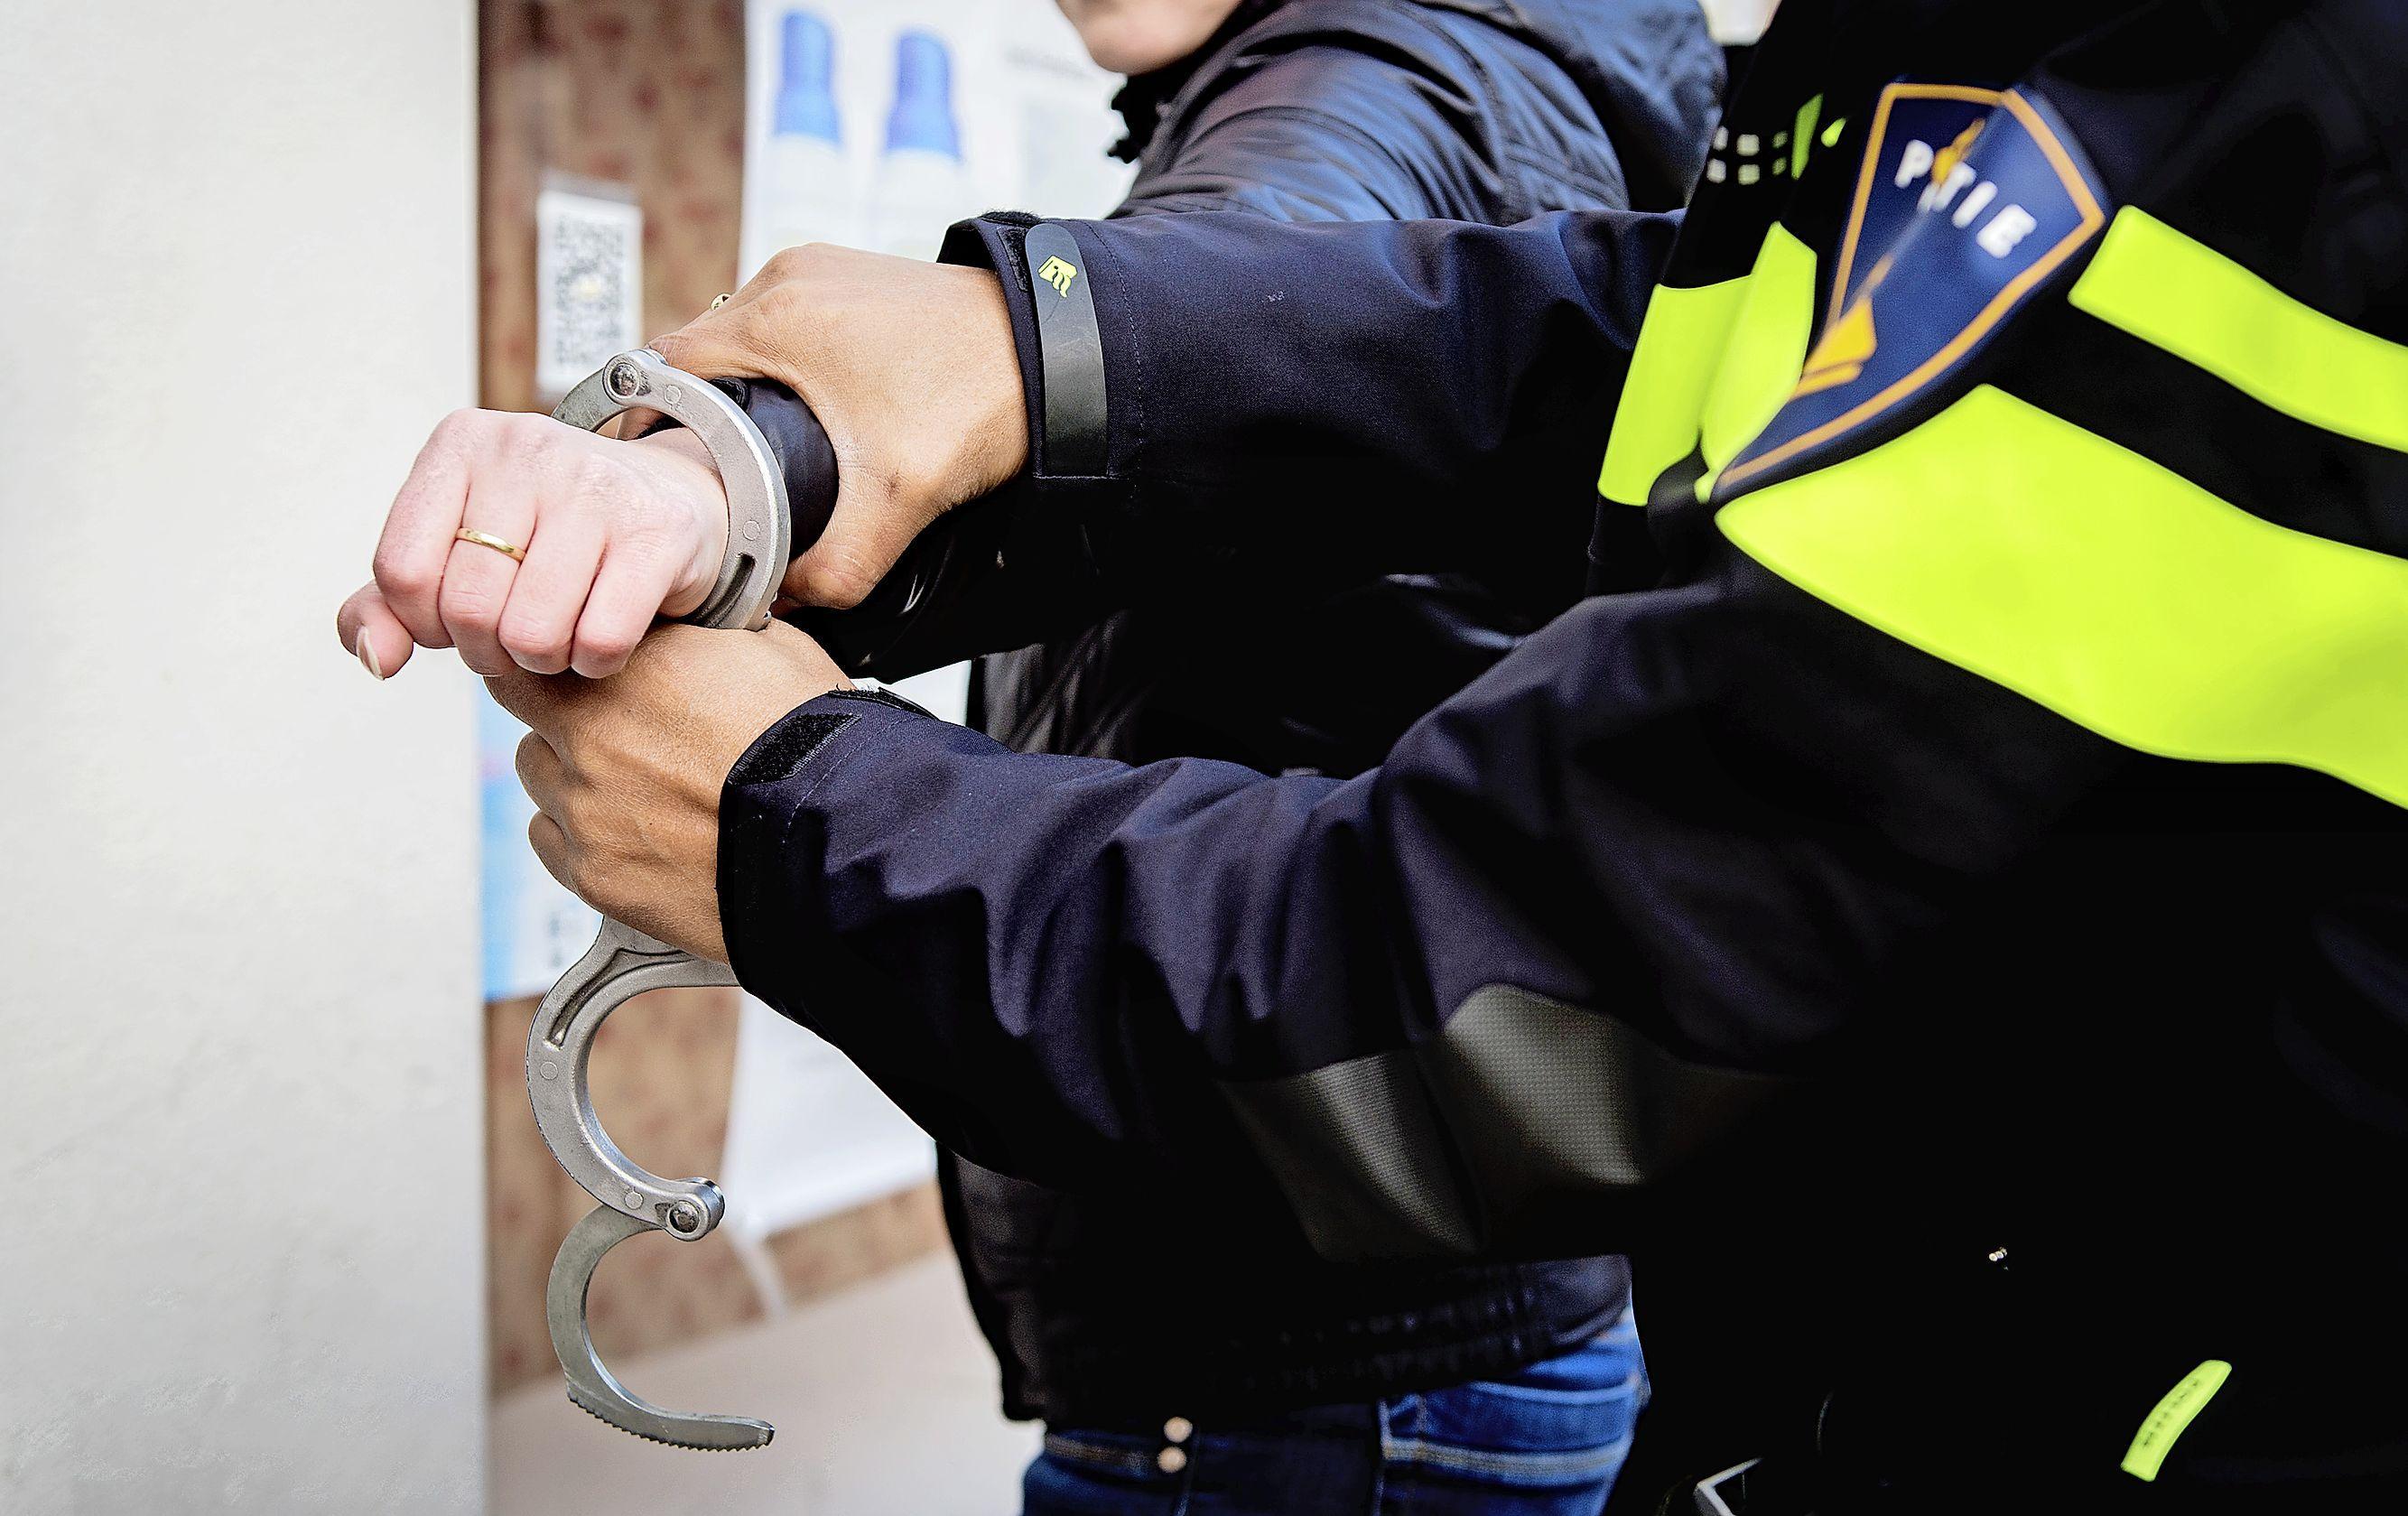 Man uit Hilversum opgepakt voor drugshandel, witwassen en brandstichting bij auto